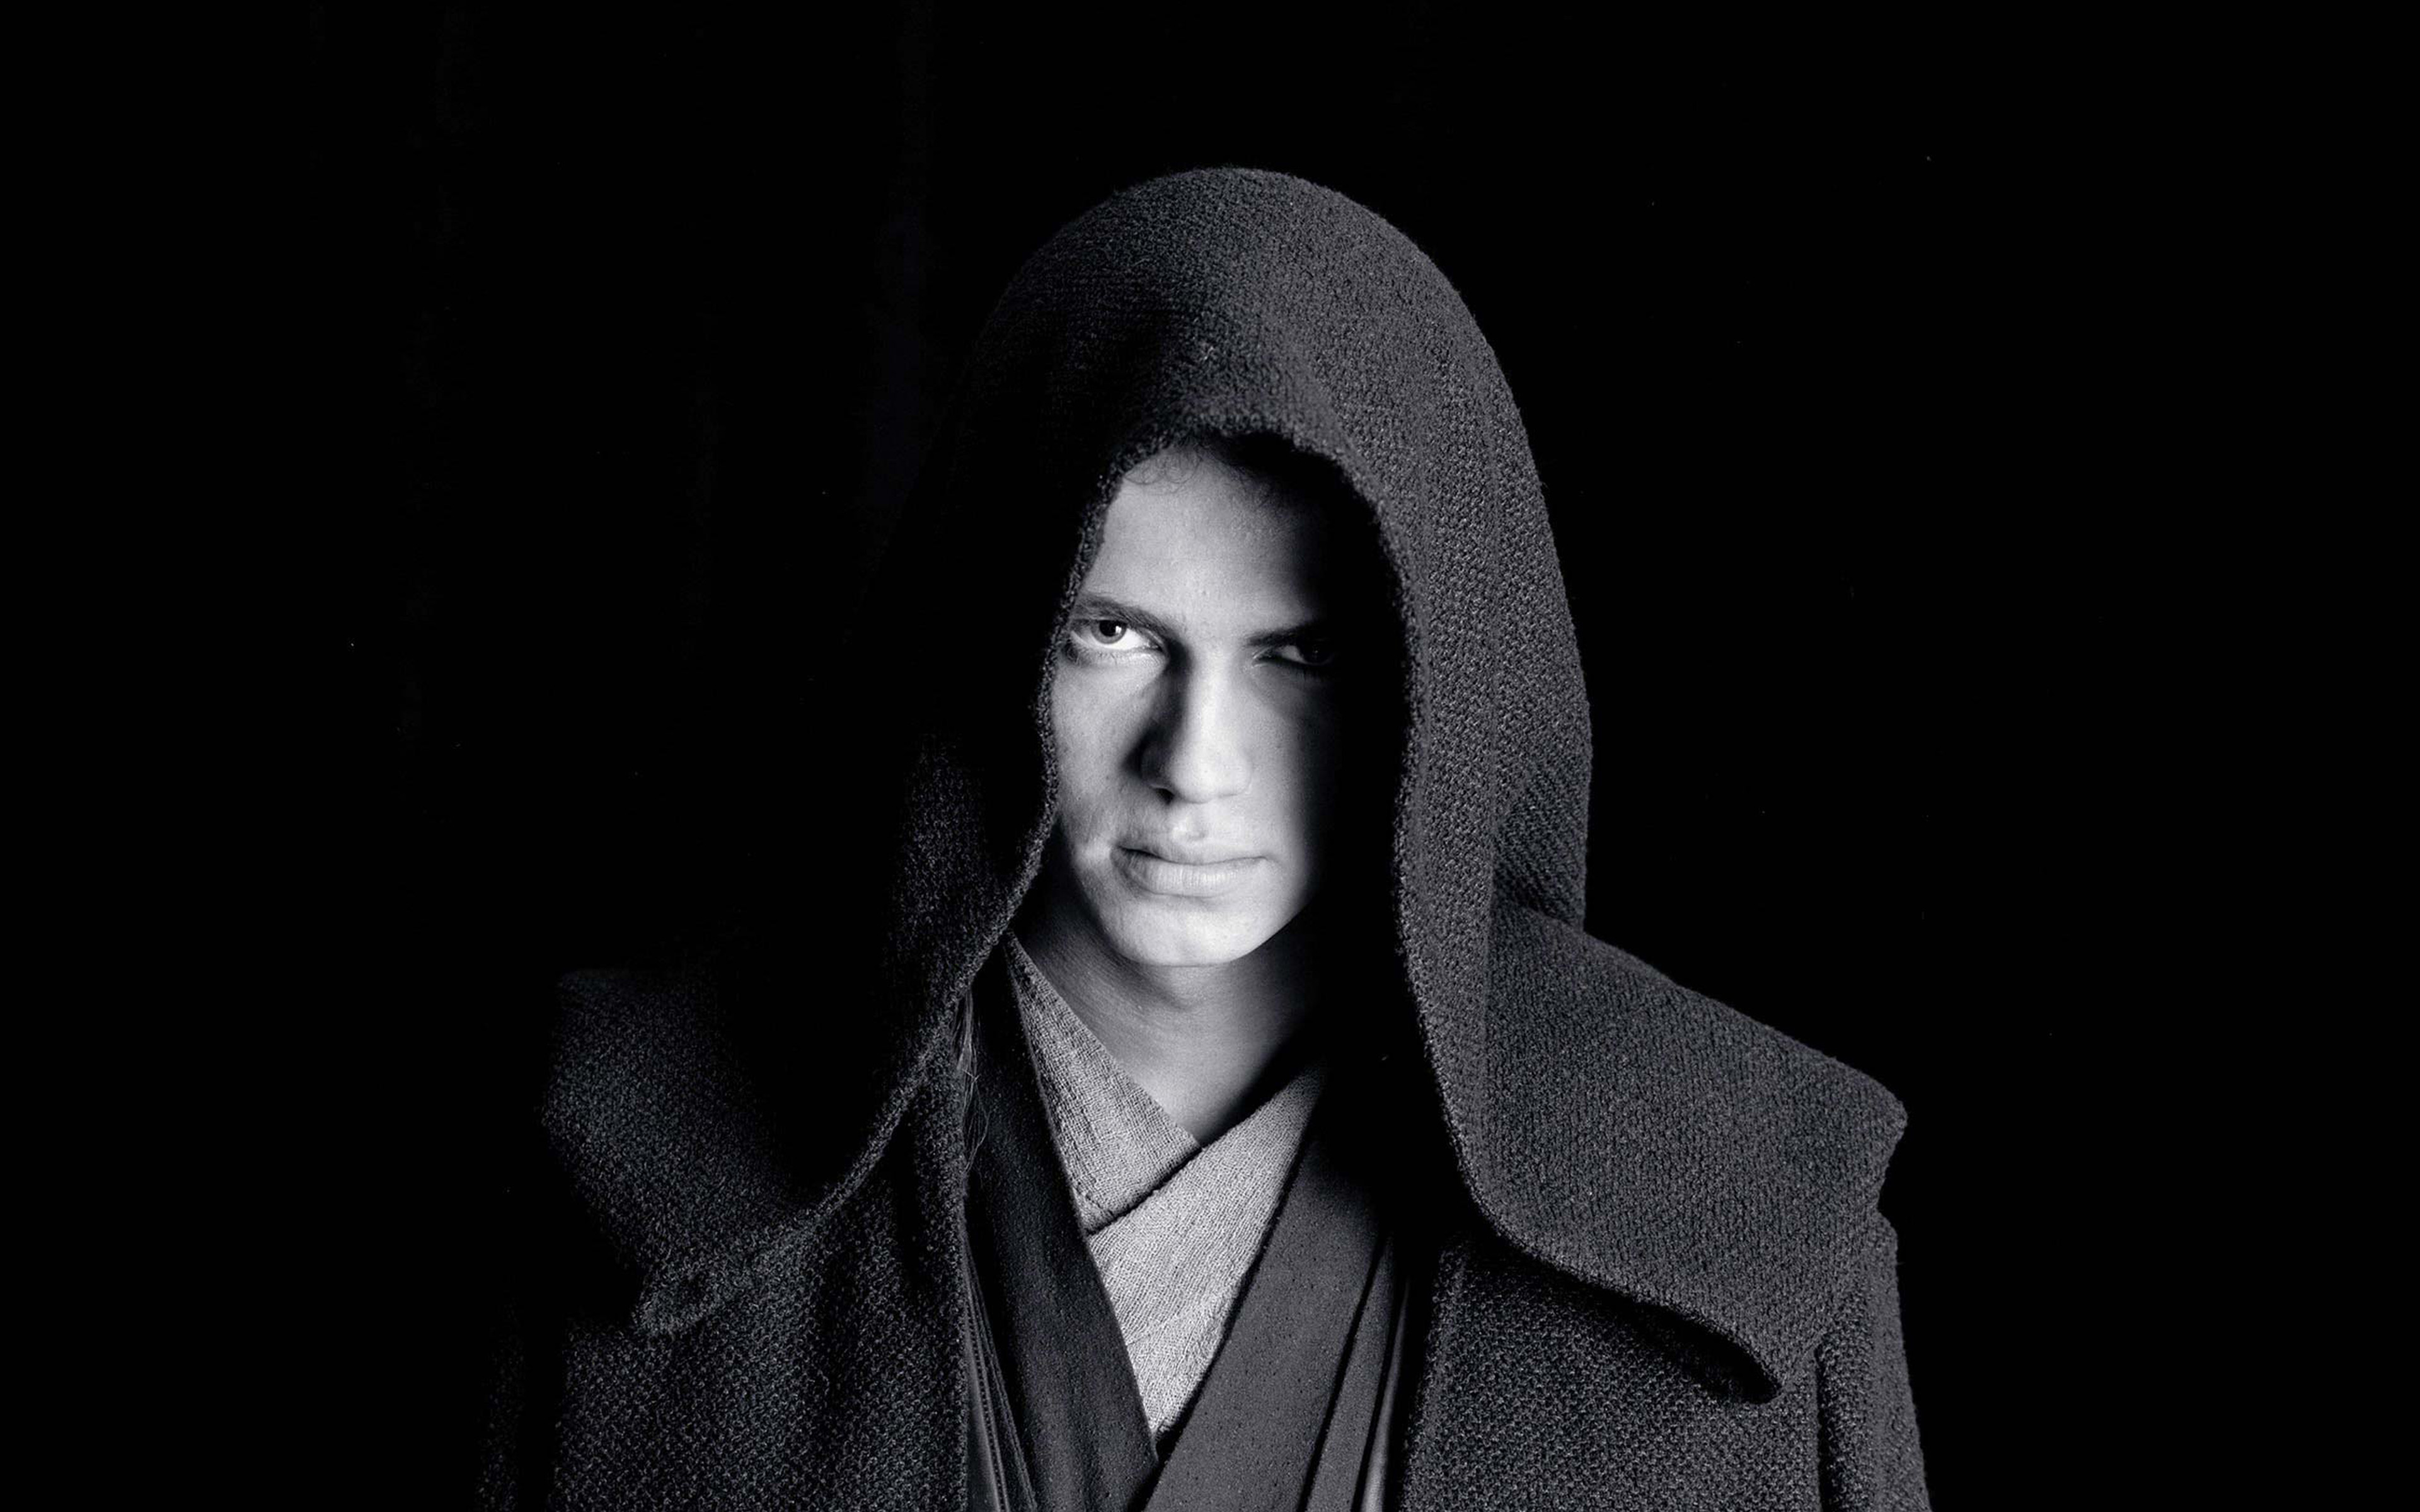 Hh16 Anakin Skywalker Starwars Dark Film Papers Co